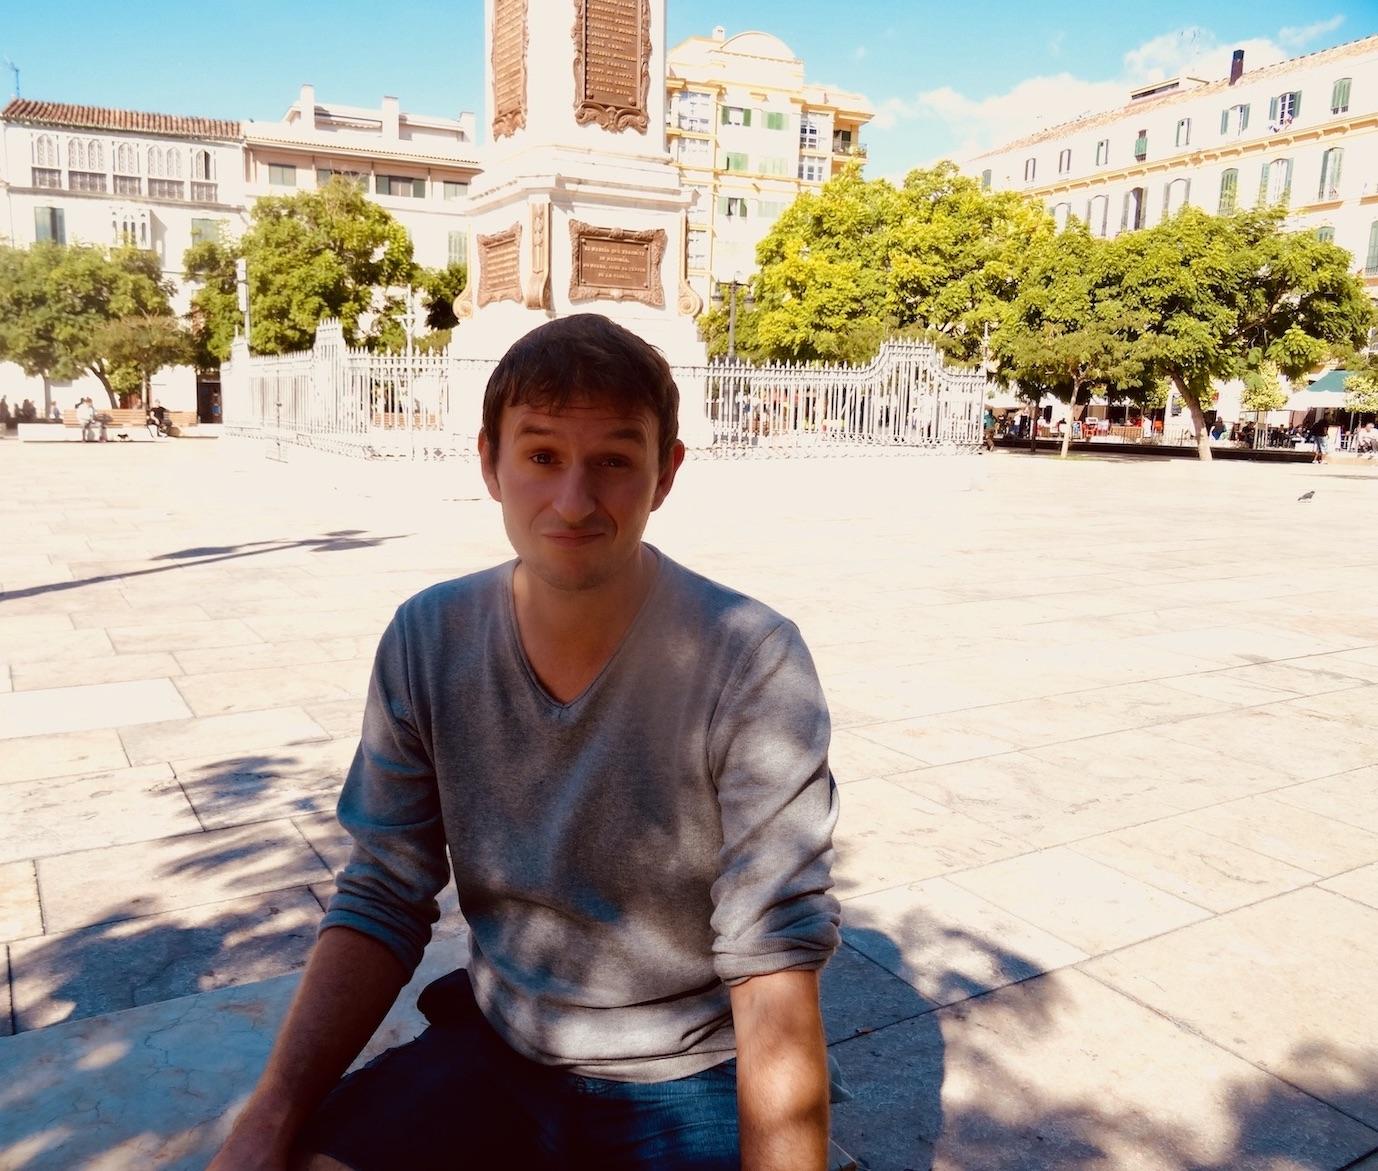 Visit Plaza de la Merced Malaga.